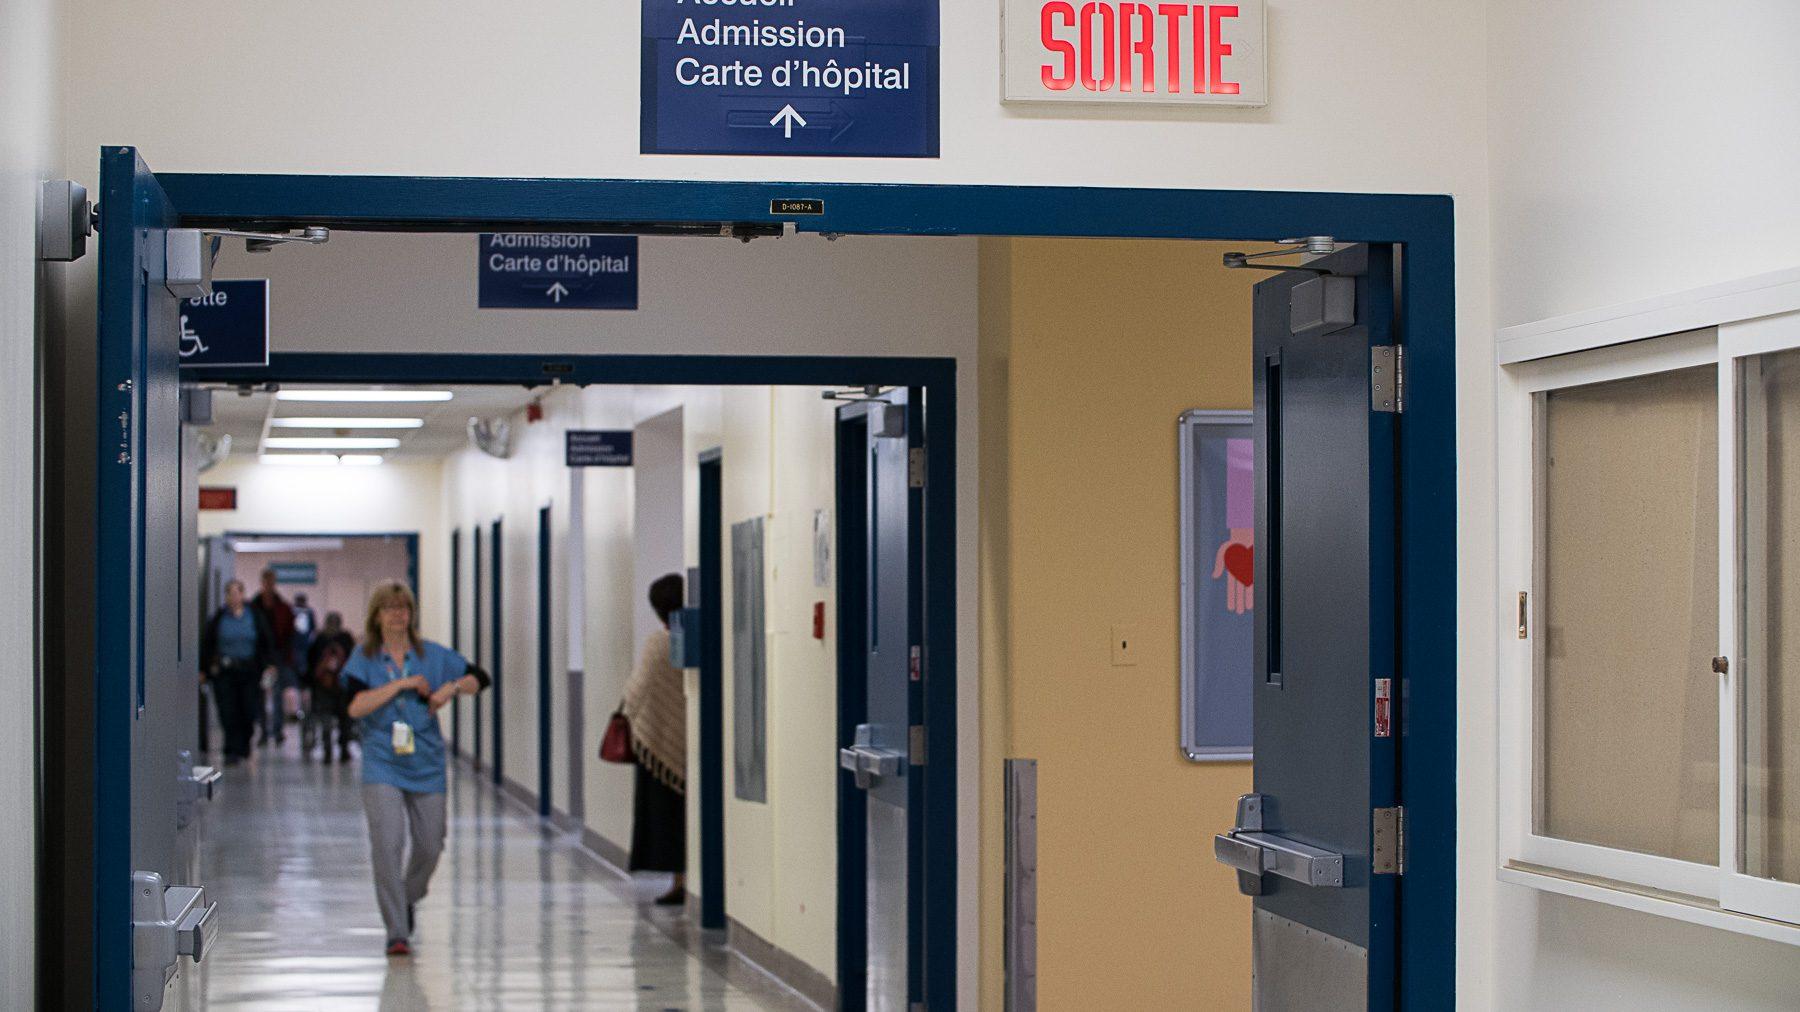 Racisme et hôpitaux: mauvais traitements, méconnaissance et bris de confiance